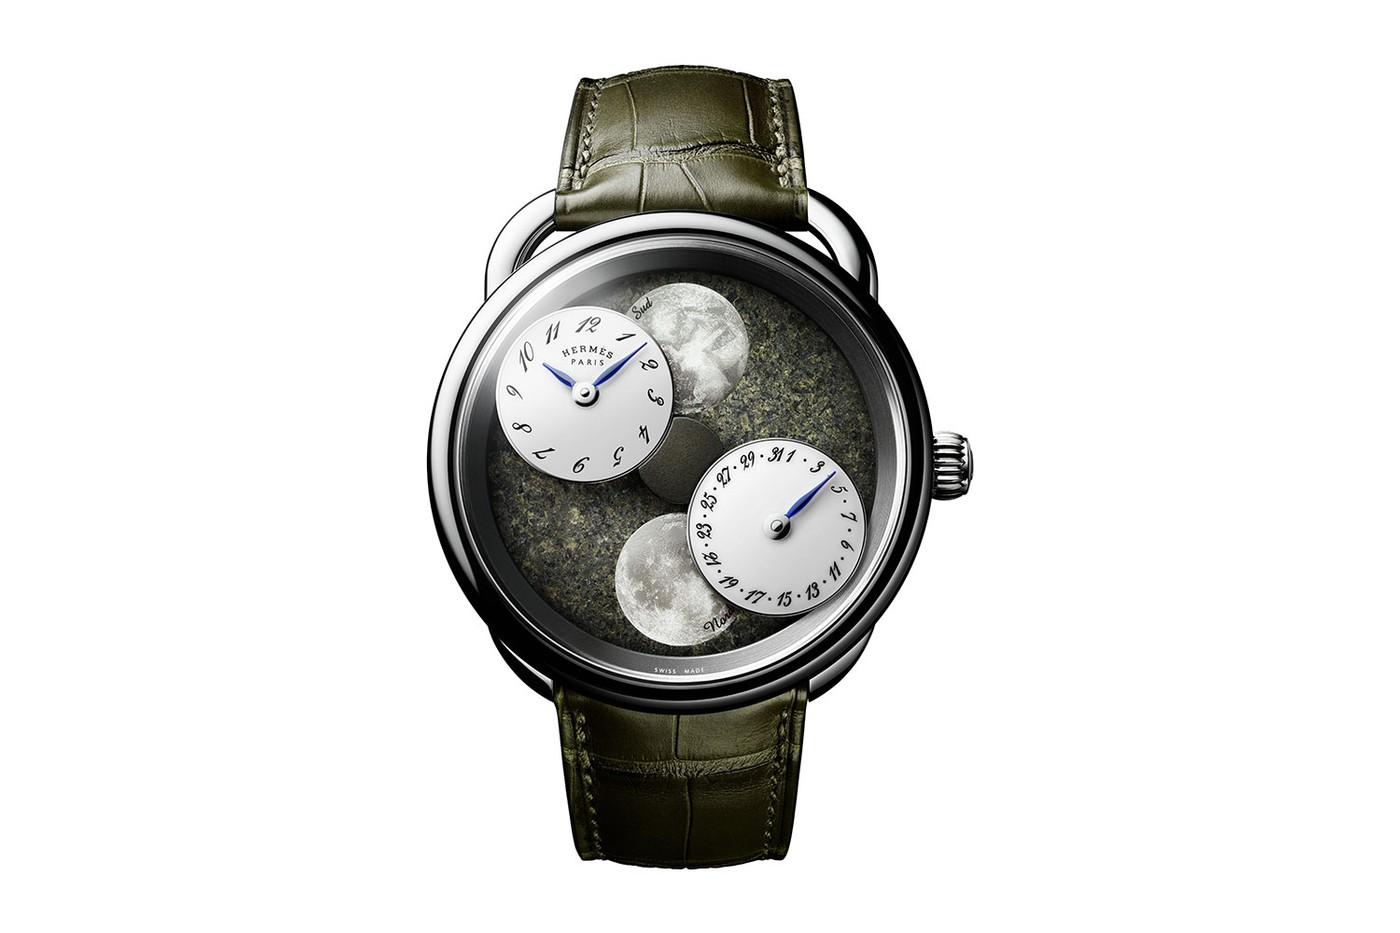 Hermès ra mắt đồng hồ mới có mặt số thiên thạch từ sao Hỏa